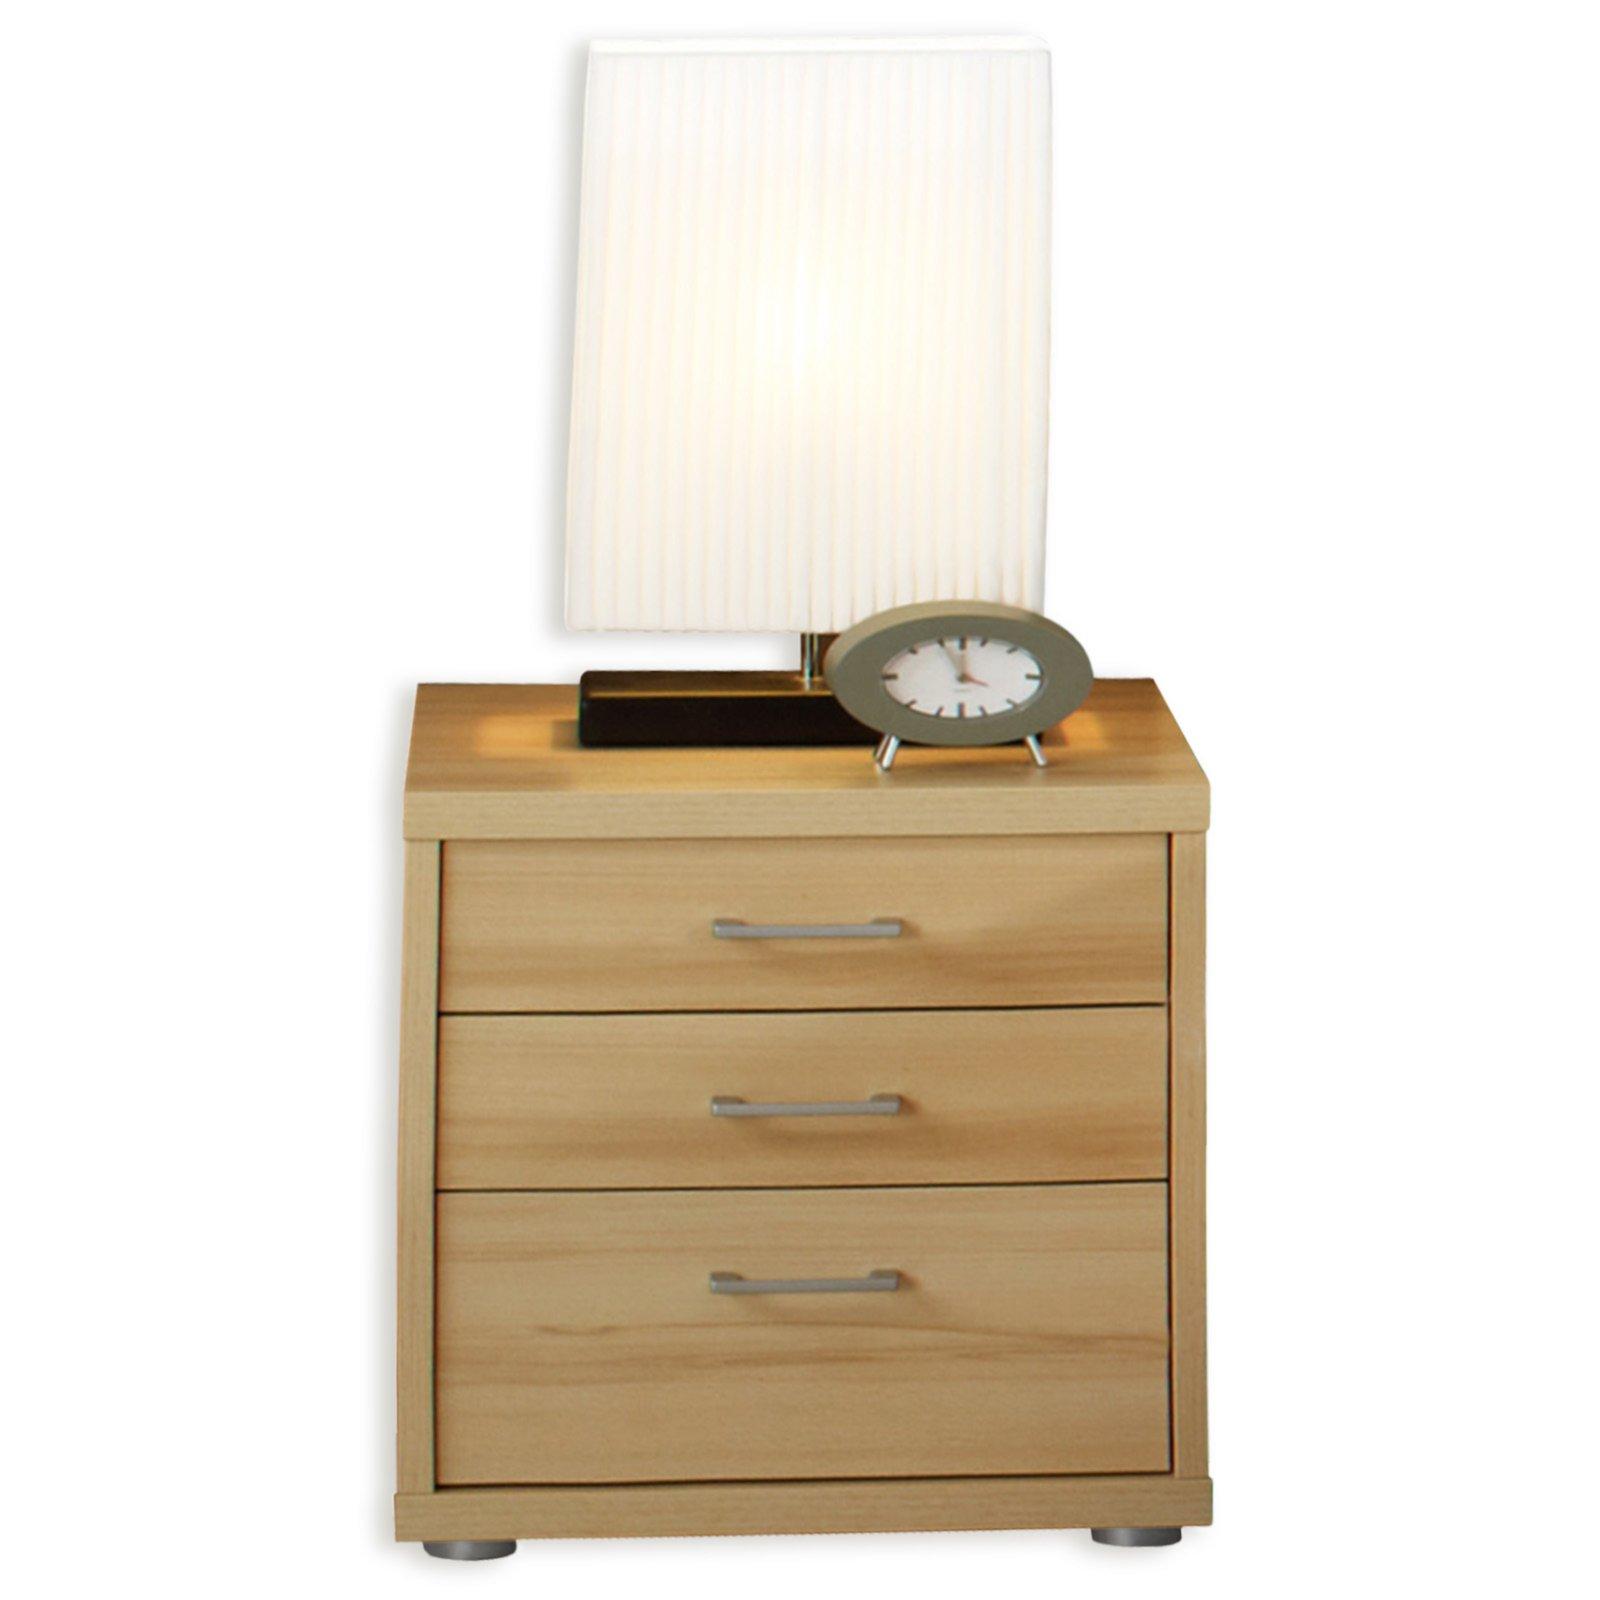 nachttisch iris buche natur 50 cm nachttische schlafzimmer wohnbereiche roller m belhaus. Black Bedroom Furniture Sets. Home Design Ideas